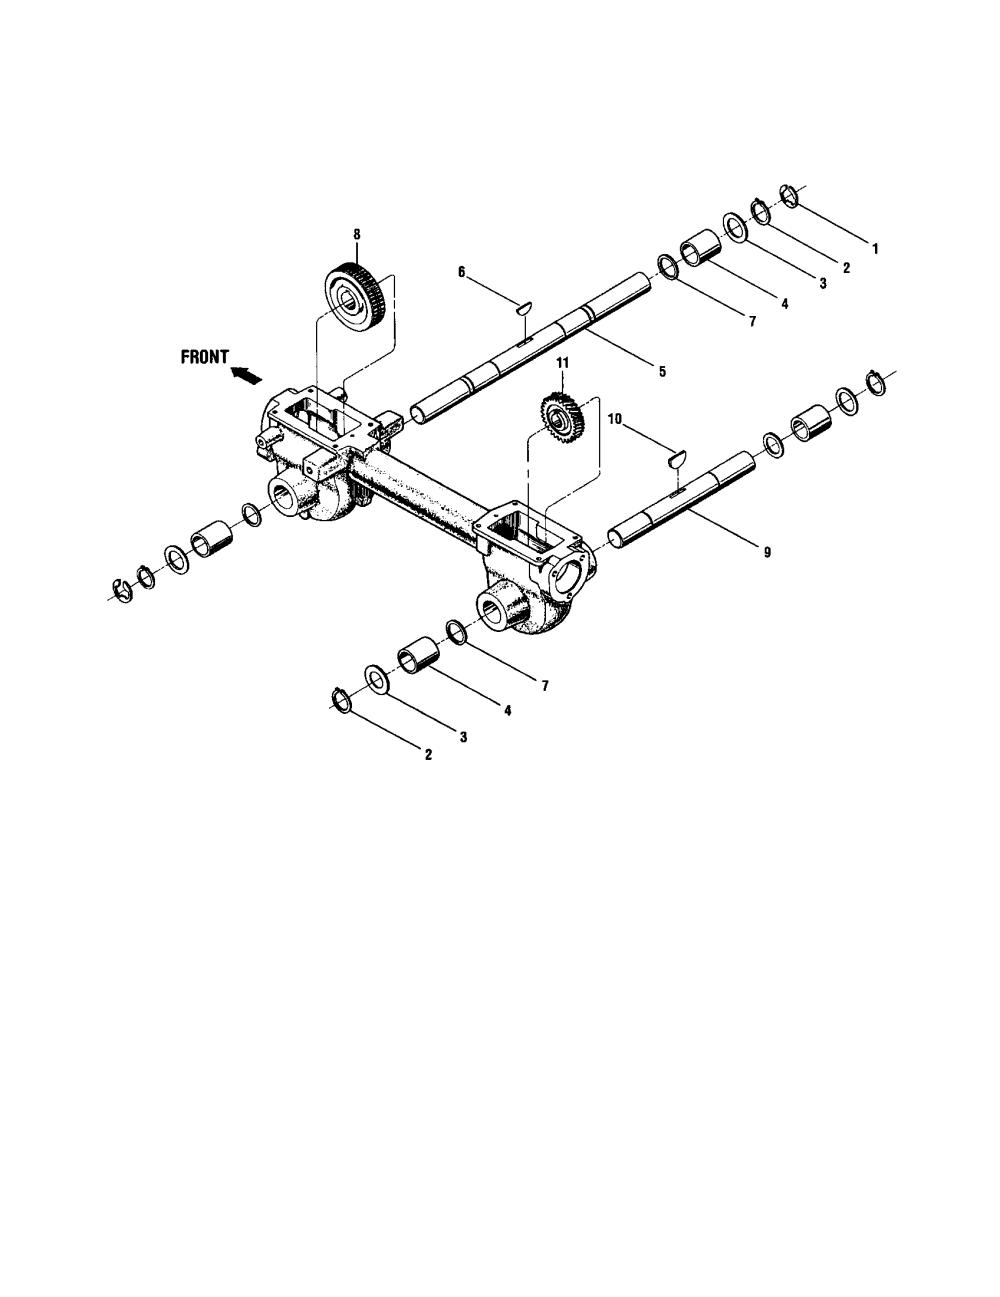 medium resolution of ctr troy bilt bronco tiller diagram